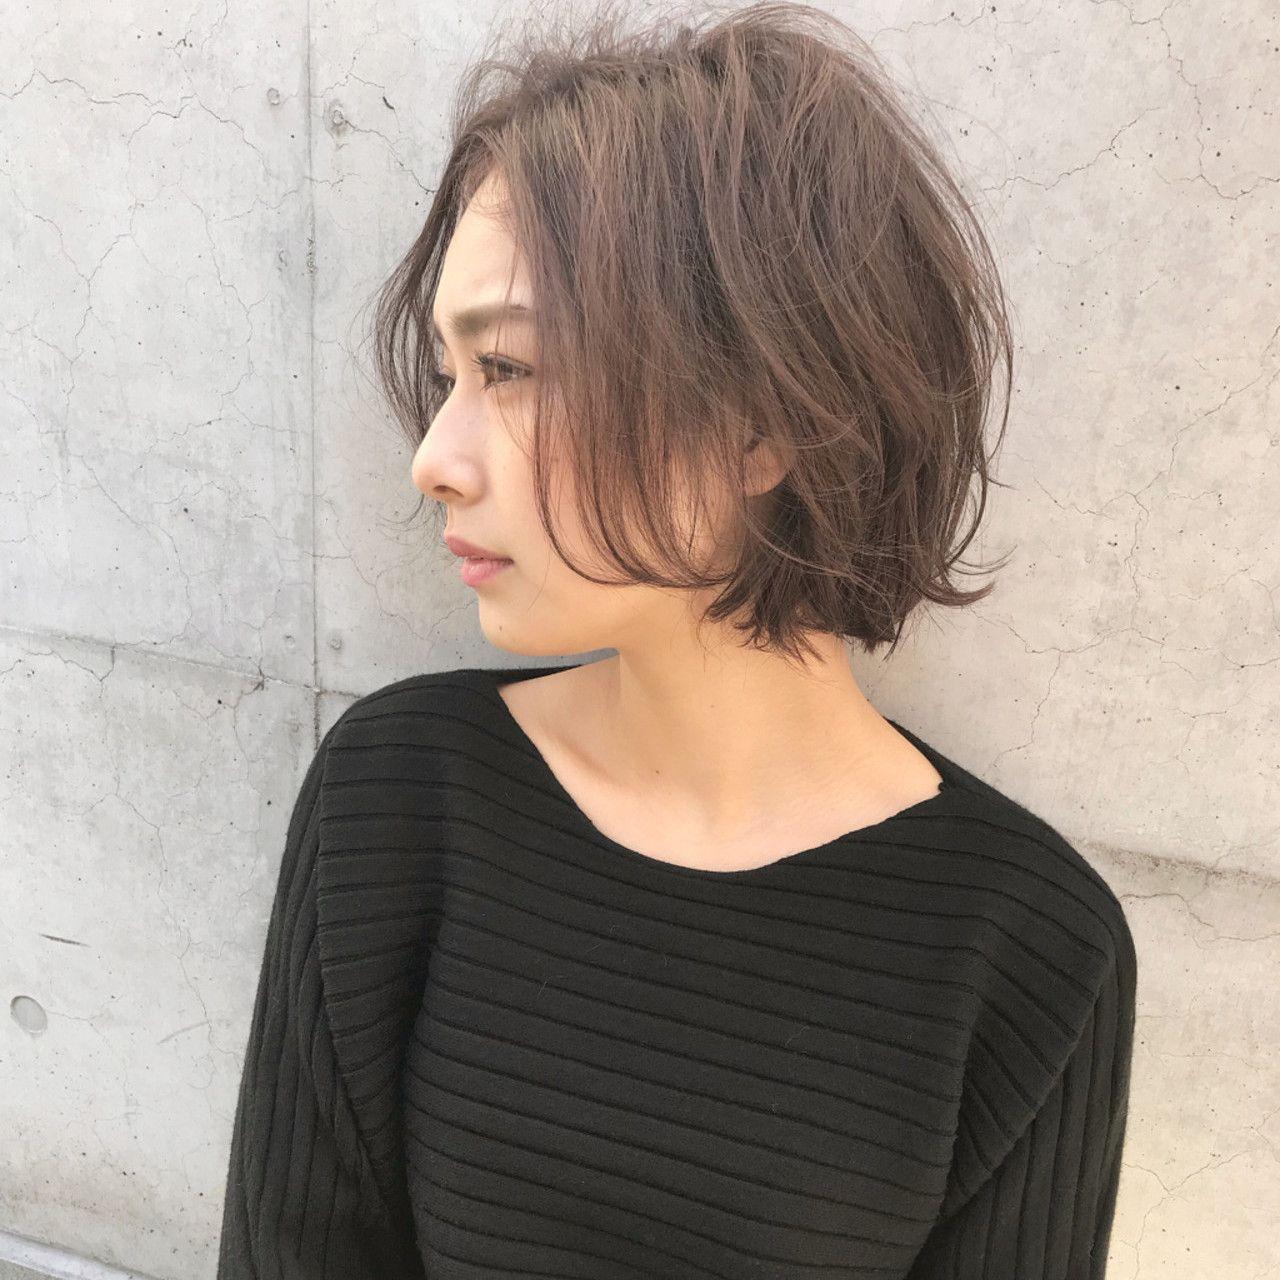 ナチュラル 外国人風 フェミニン 黒髪××石川 琴允×92947【HAIR】